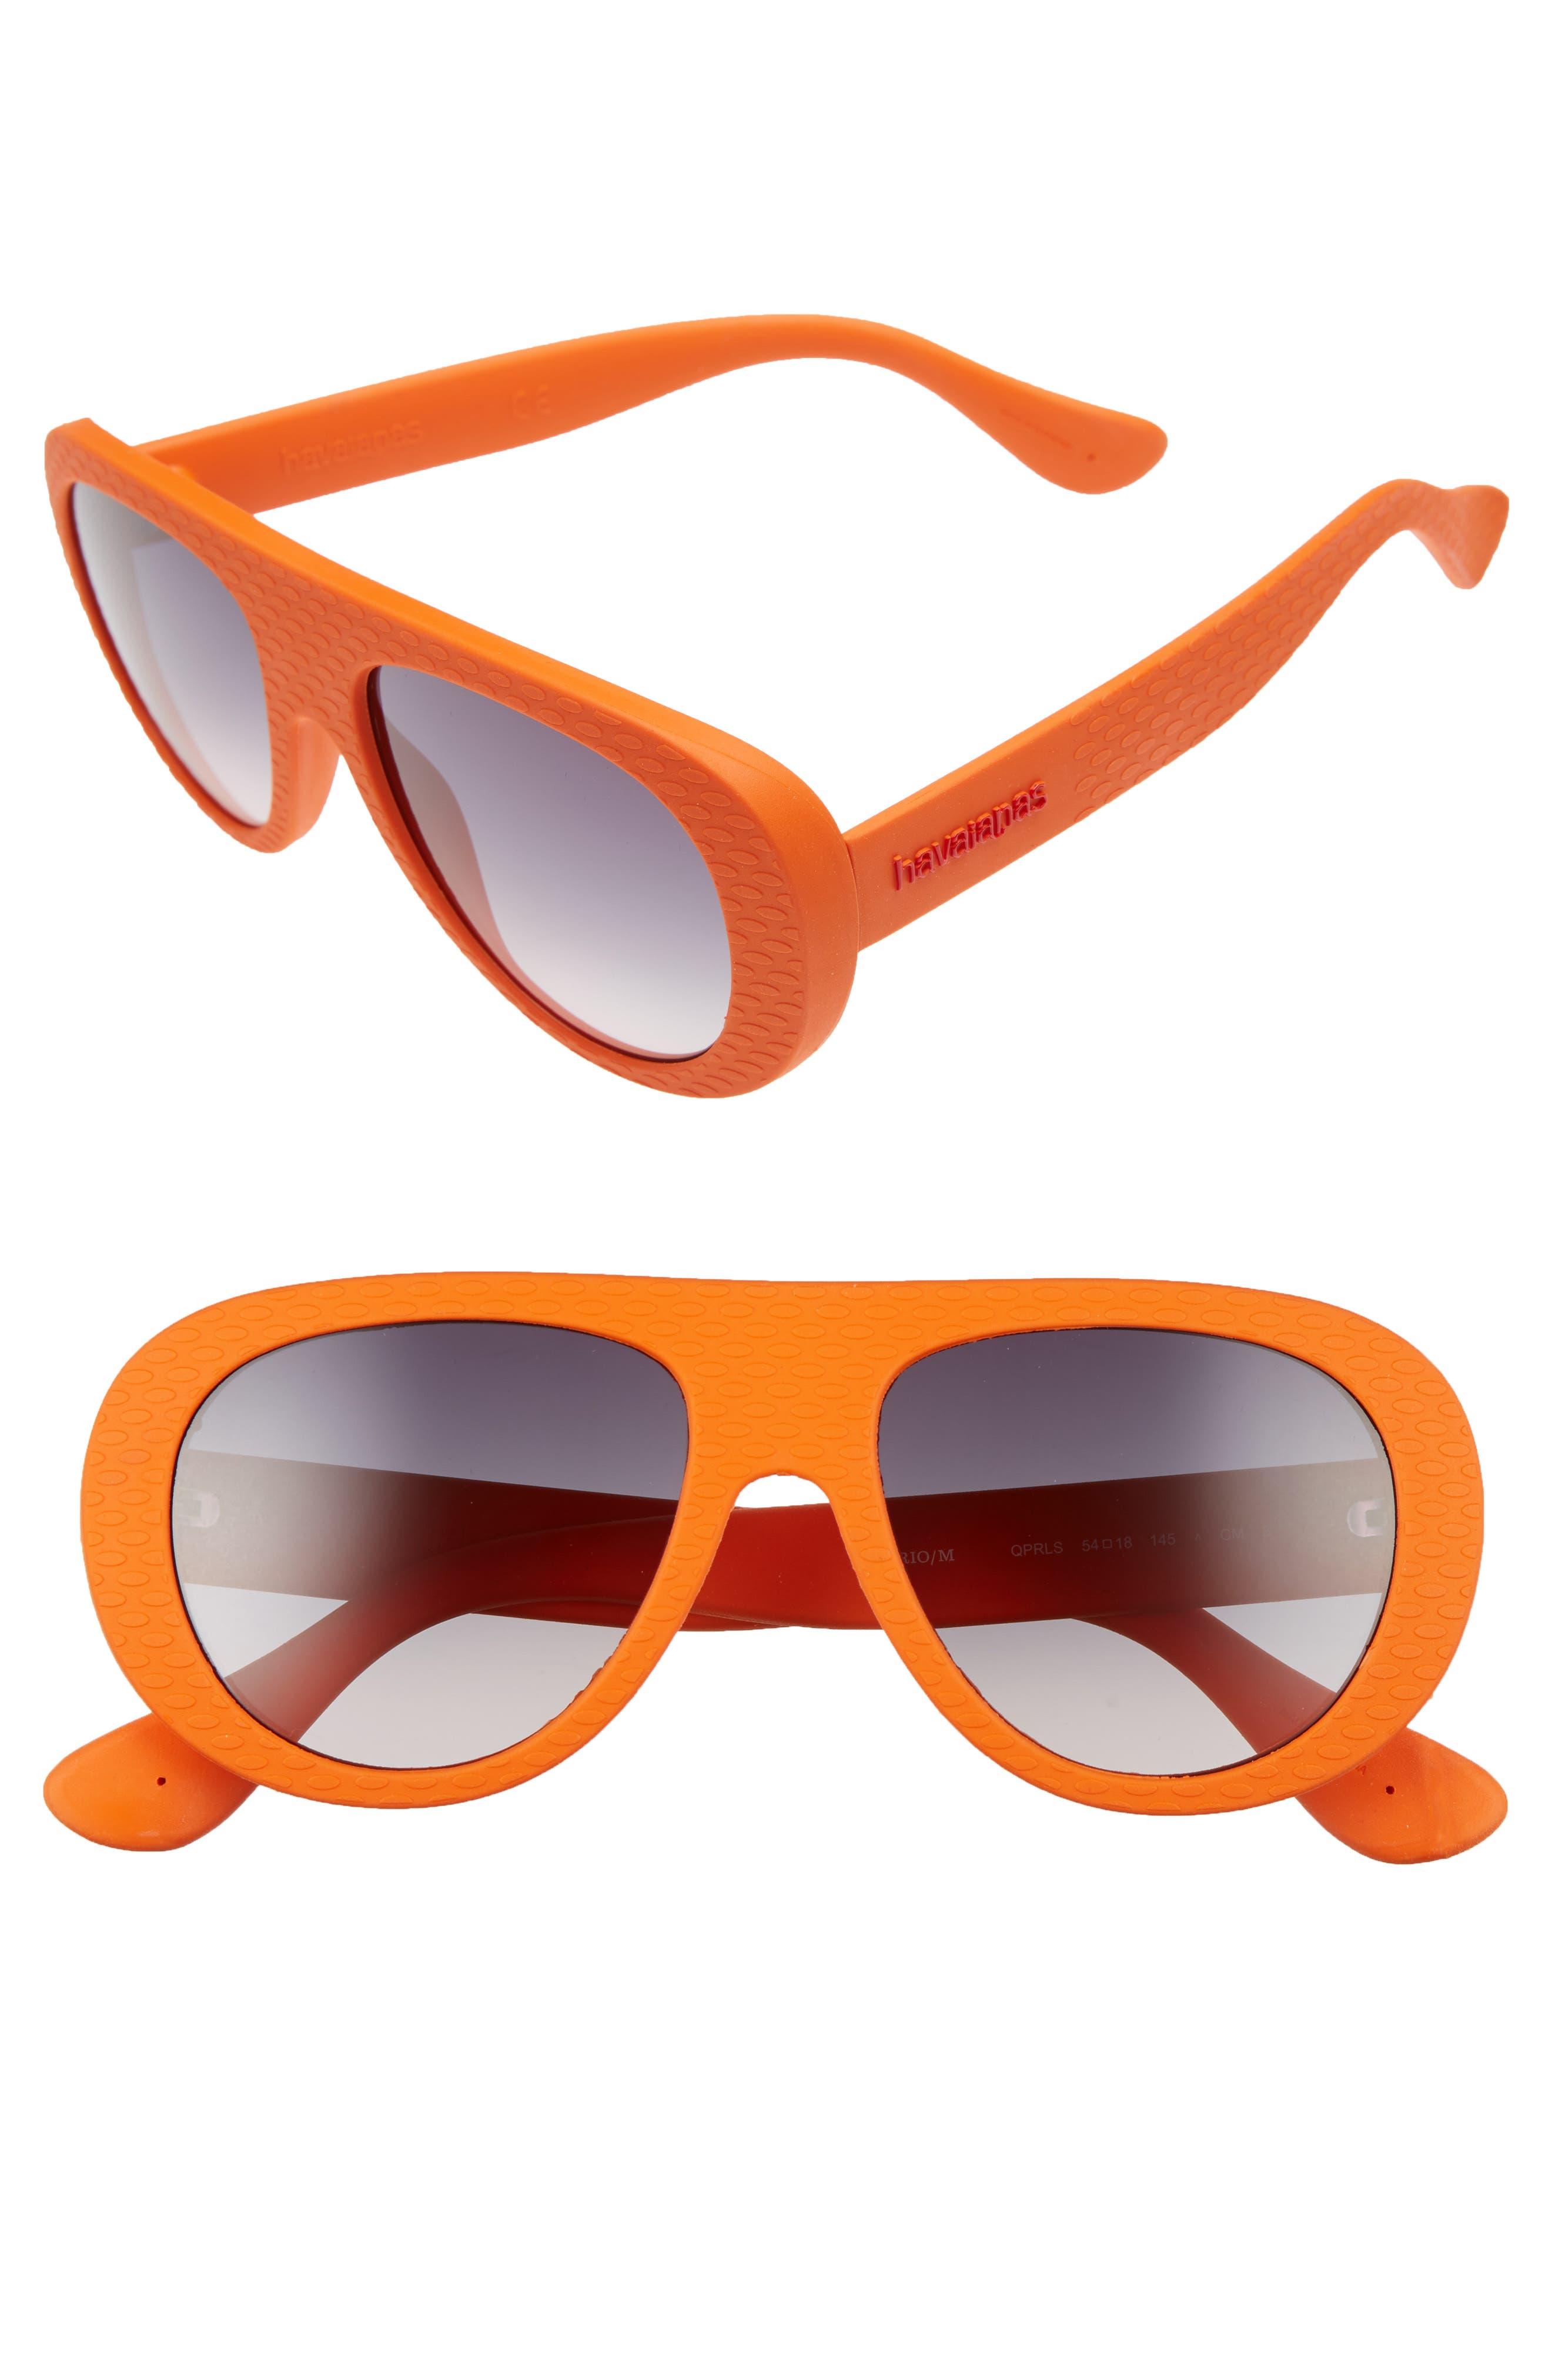 Havaianas Rio 54mm Gradient Lenses Aviator Sunglasses